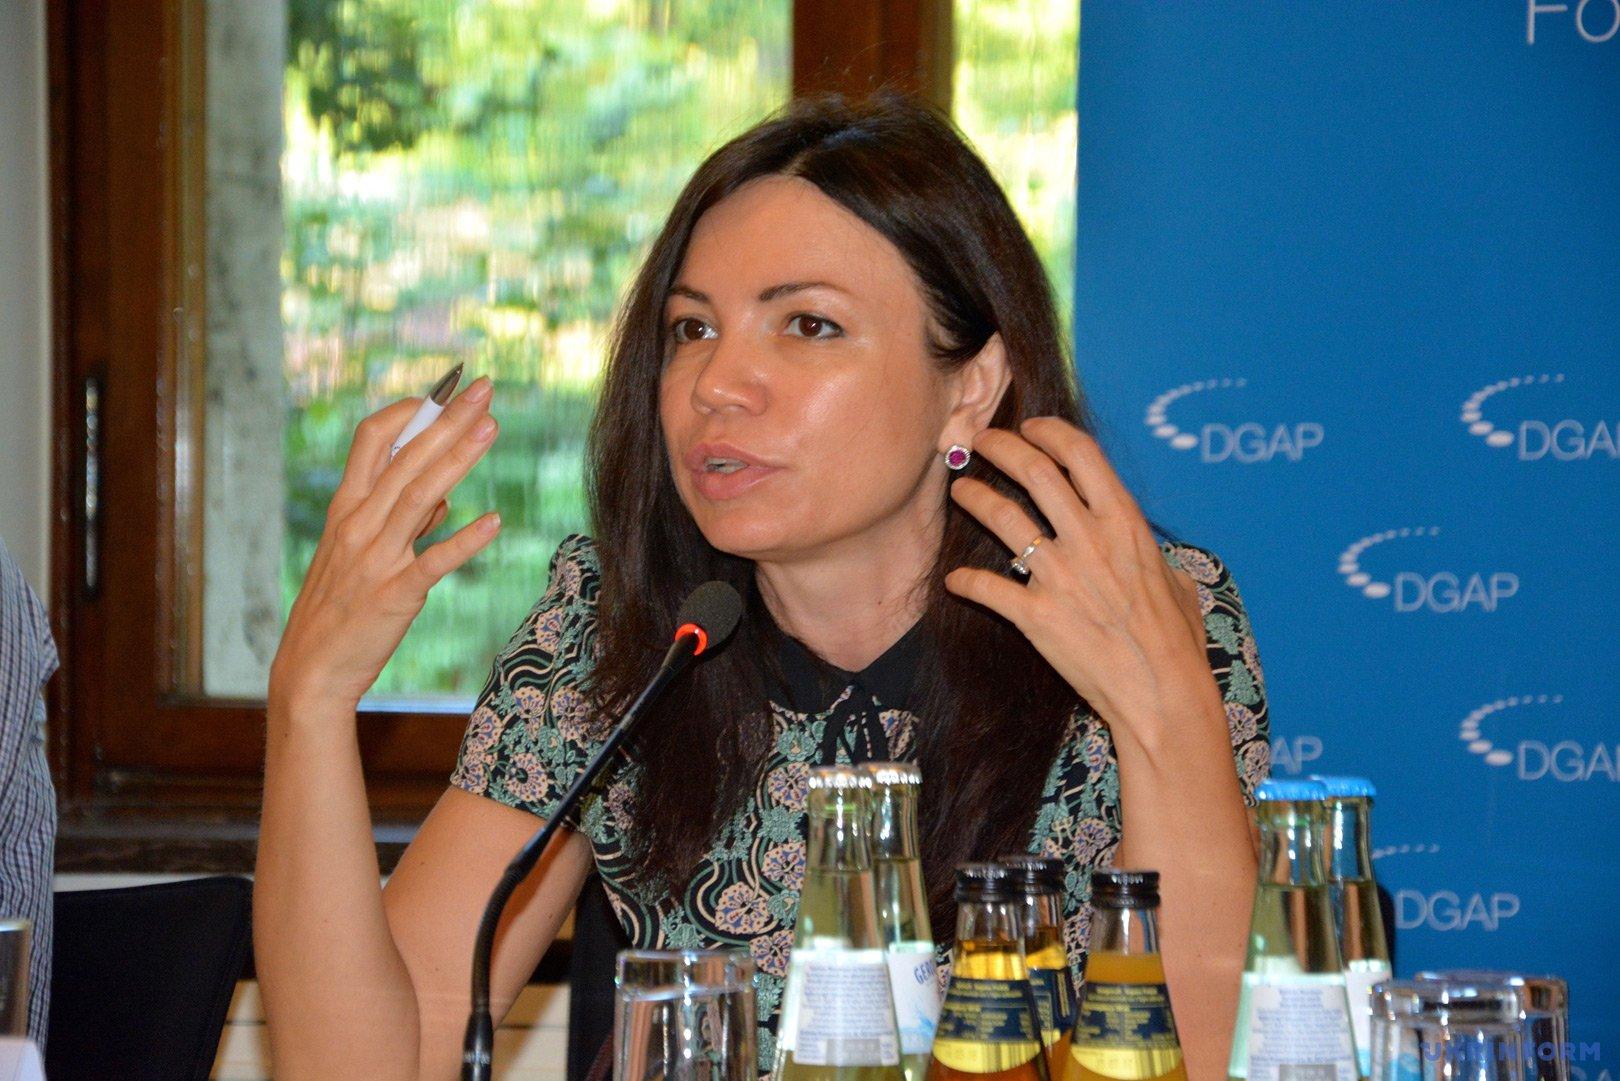 Фото: Ольга Танасийчук / Укриінформ.